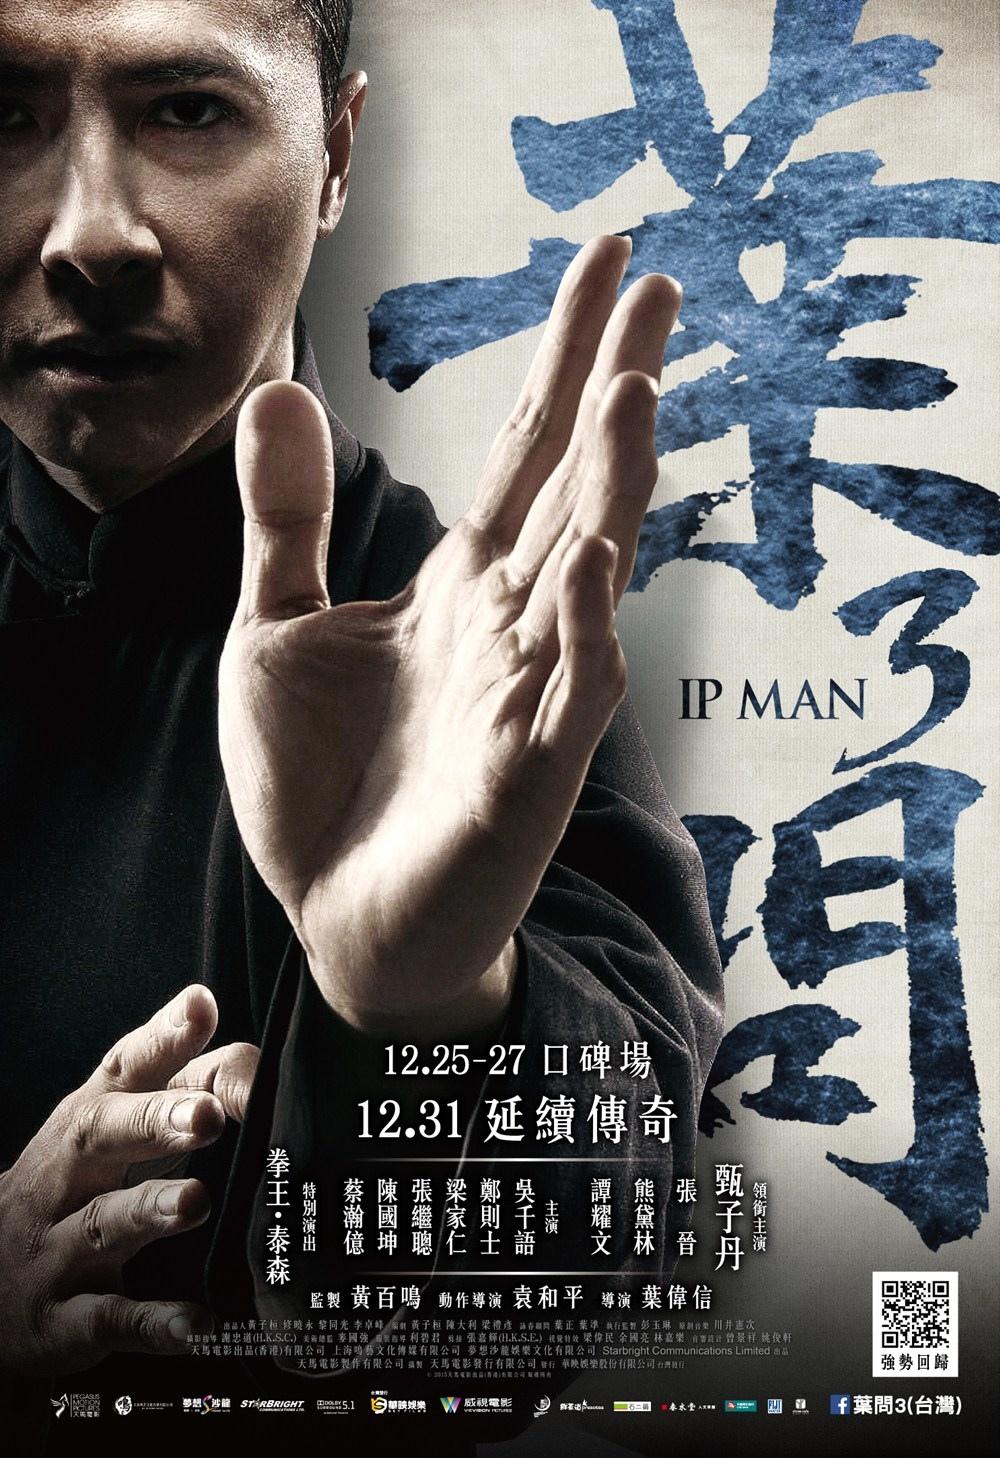 【動作】葉問3線上完整看 Ip Man 3